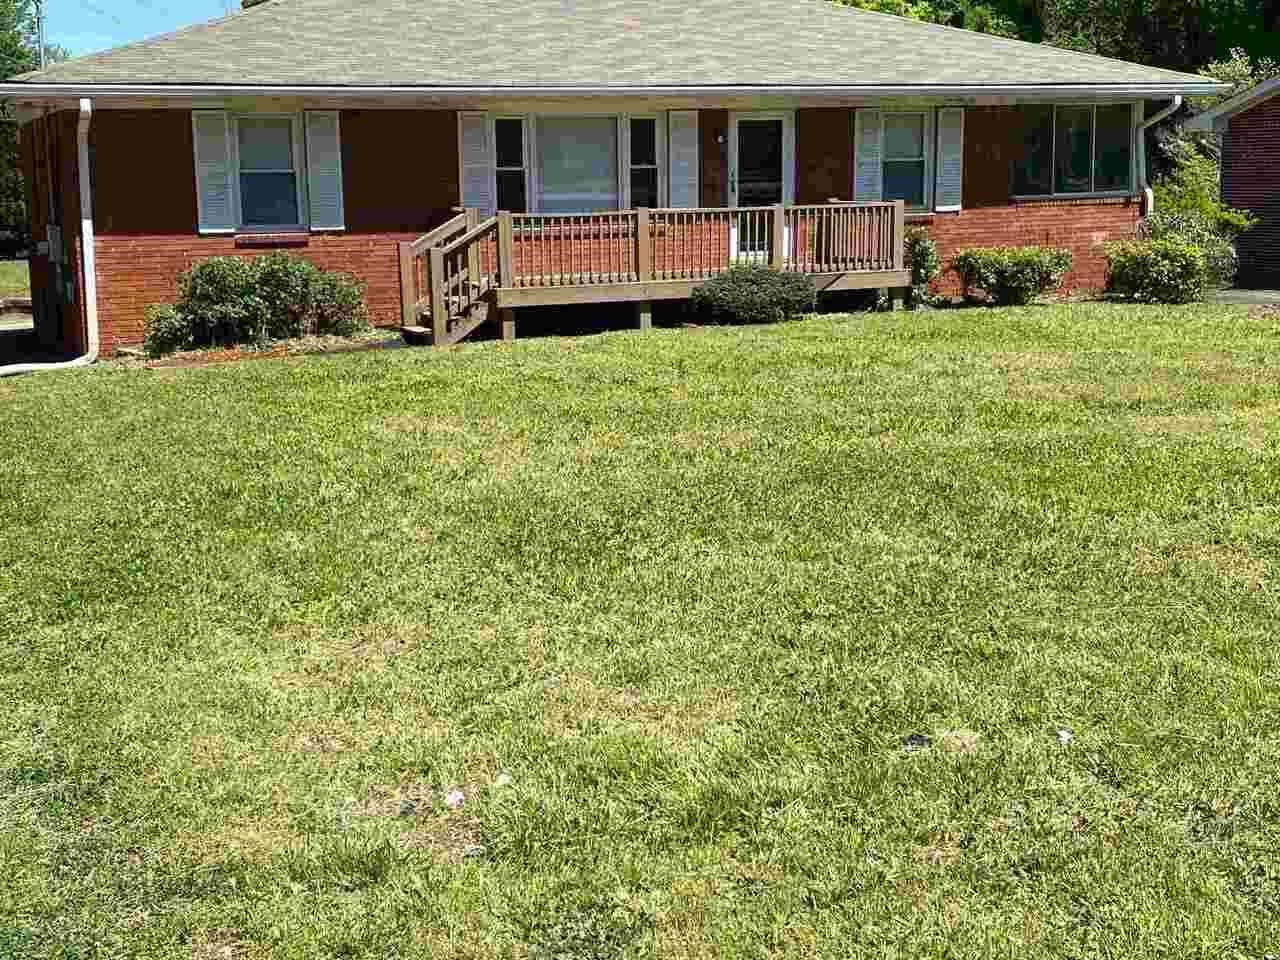 3281 Fairburn, Atlanta, GA 30331 - MLS#: 8967243